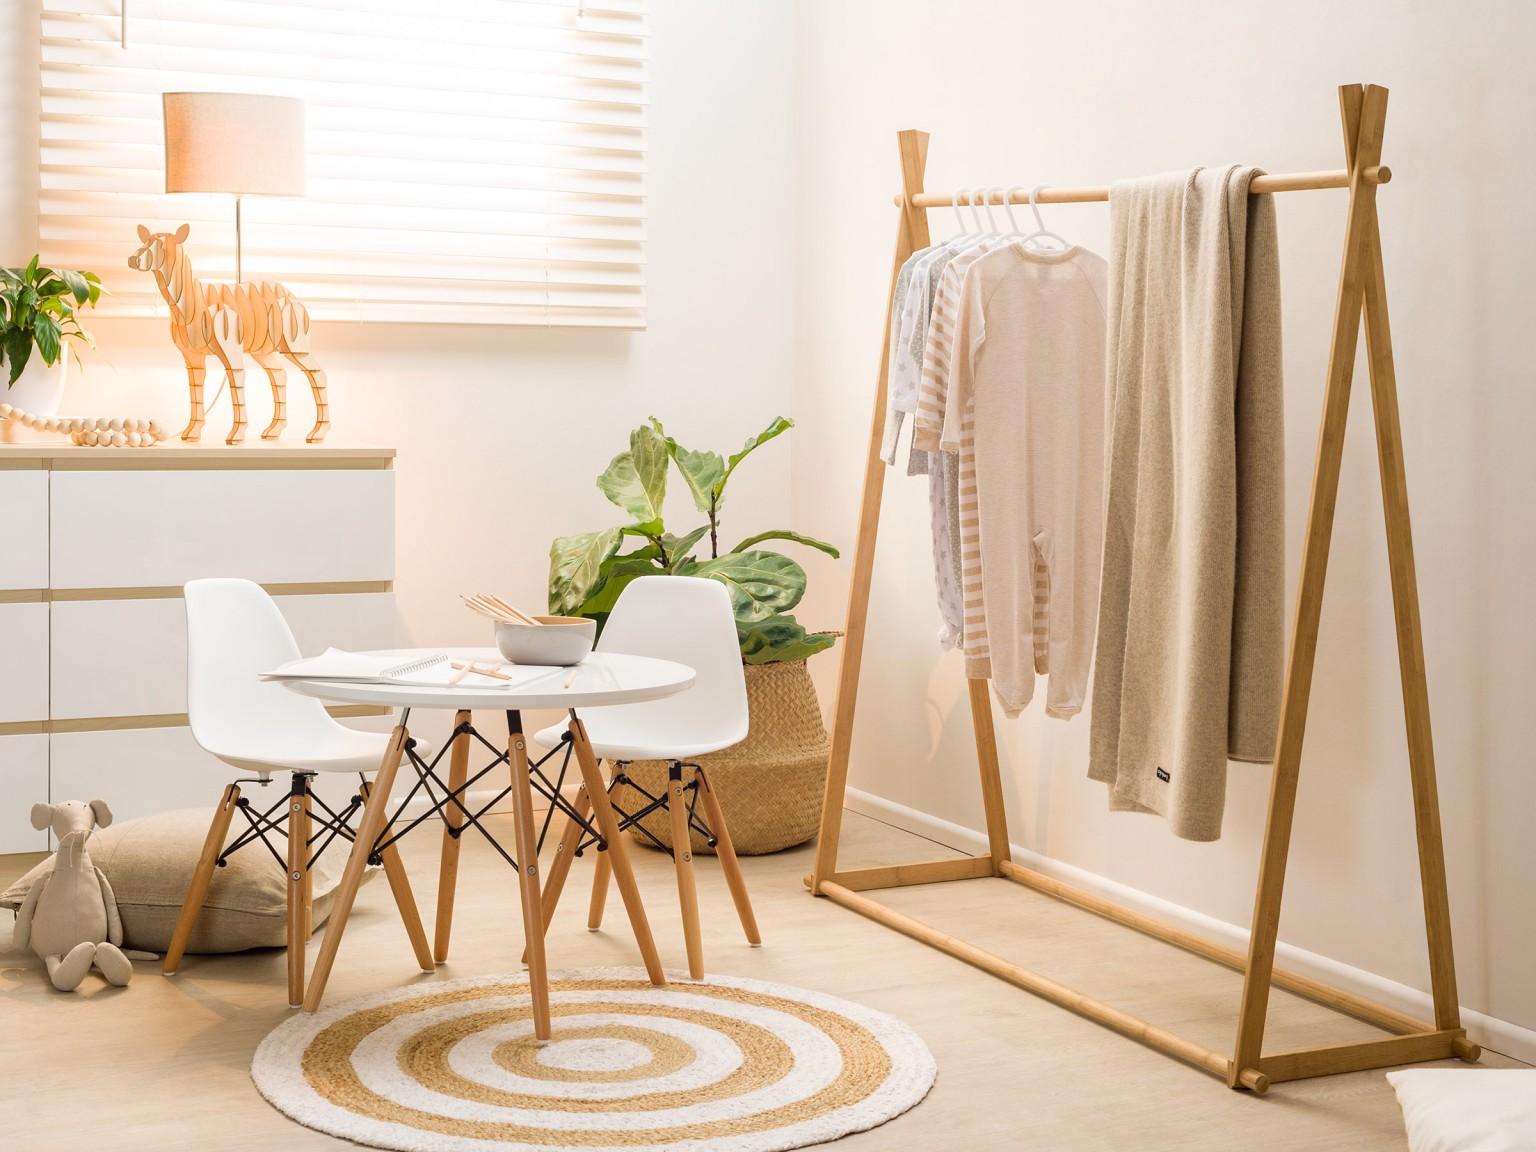 Hướng dẫn chọn mua giá treo quần áo tốt nhất